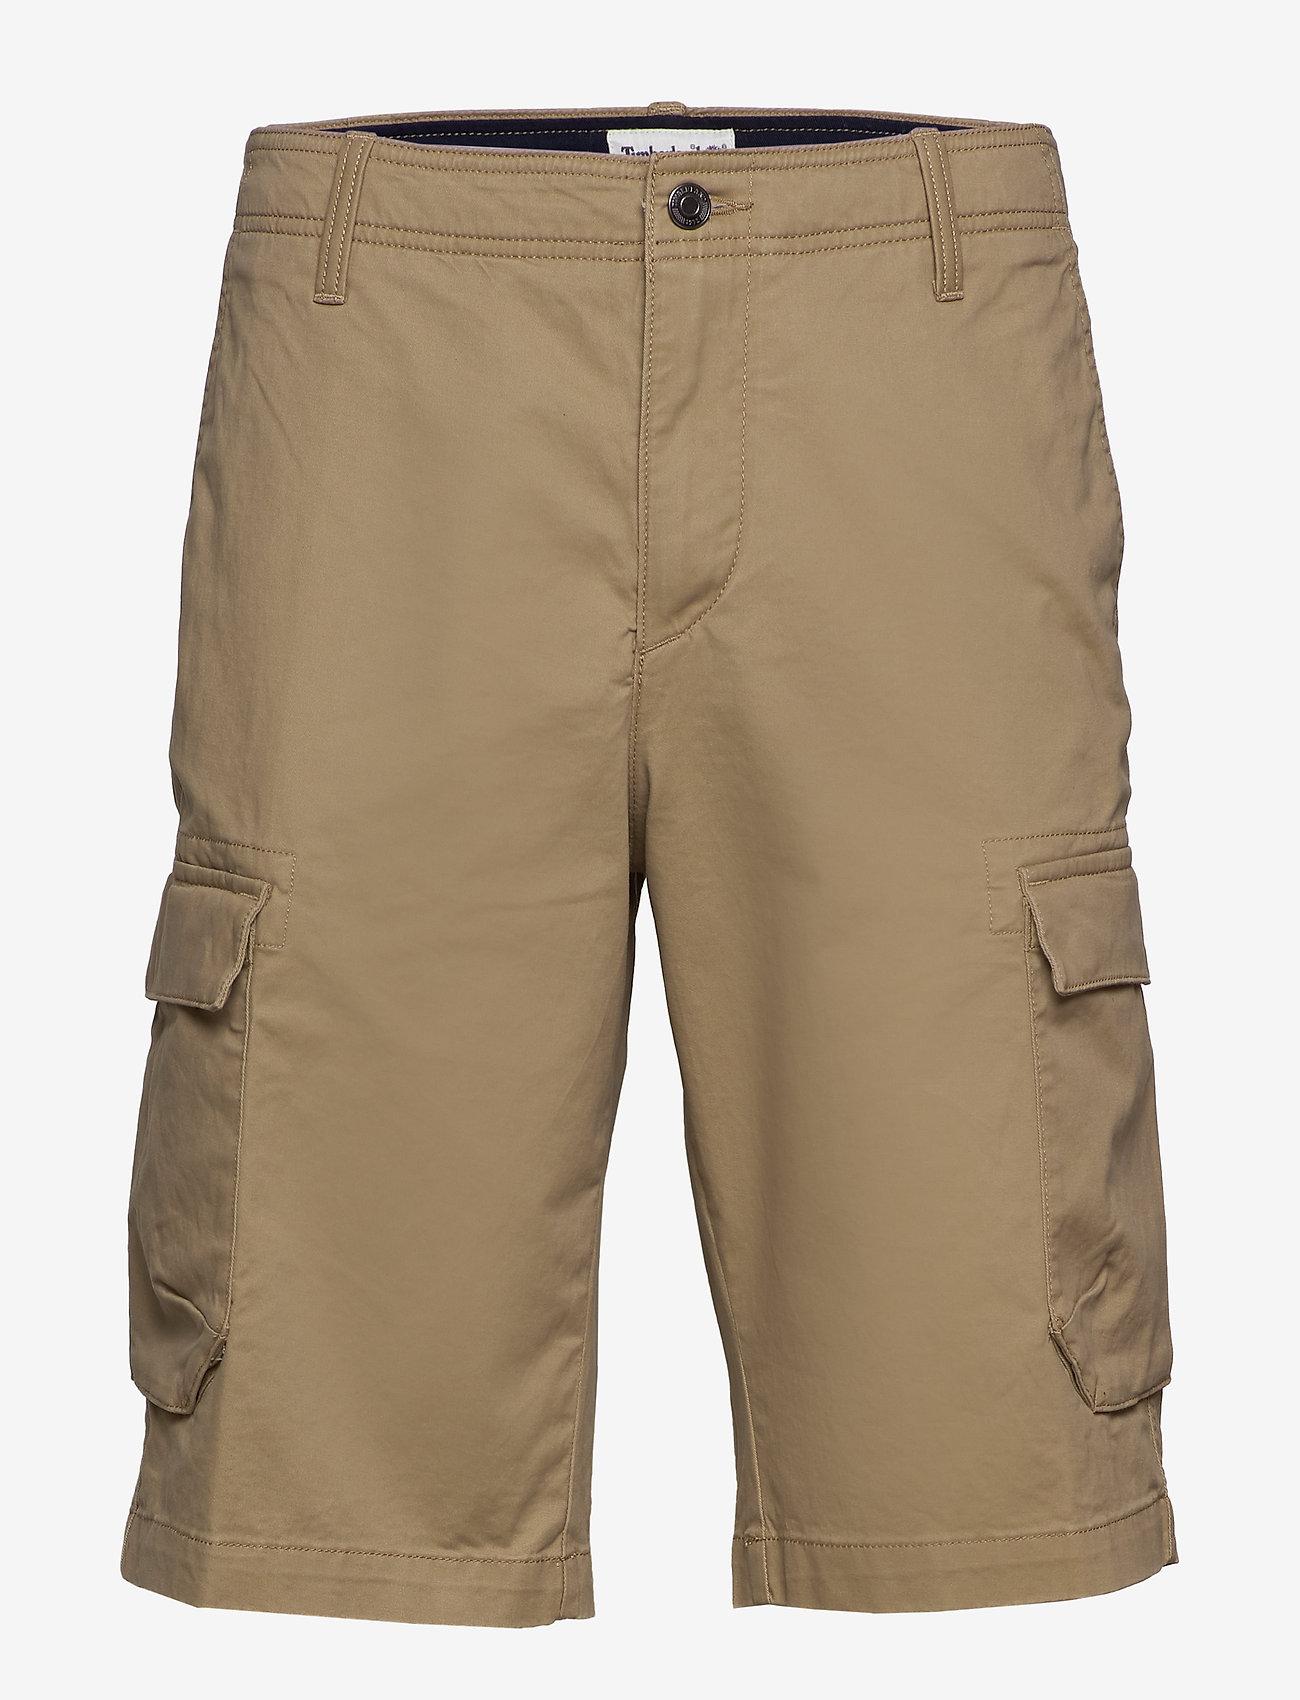 Timberland - T-L Str Twll Crgo Shrt - cargo shorts - british khaki - 0